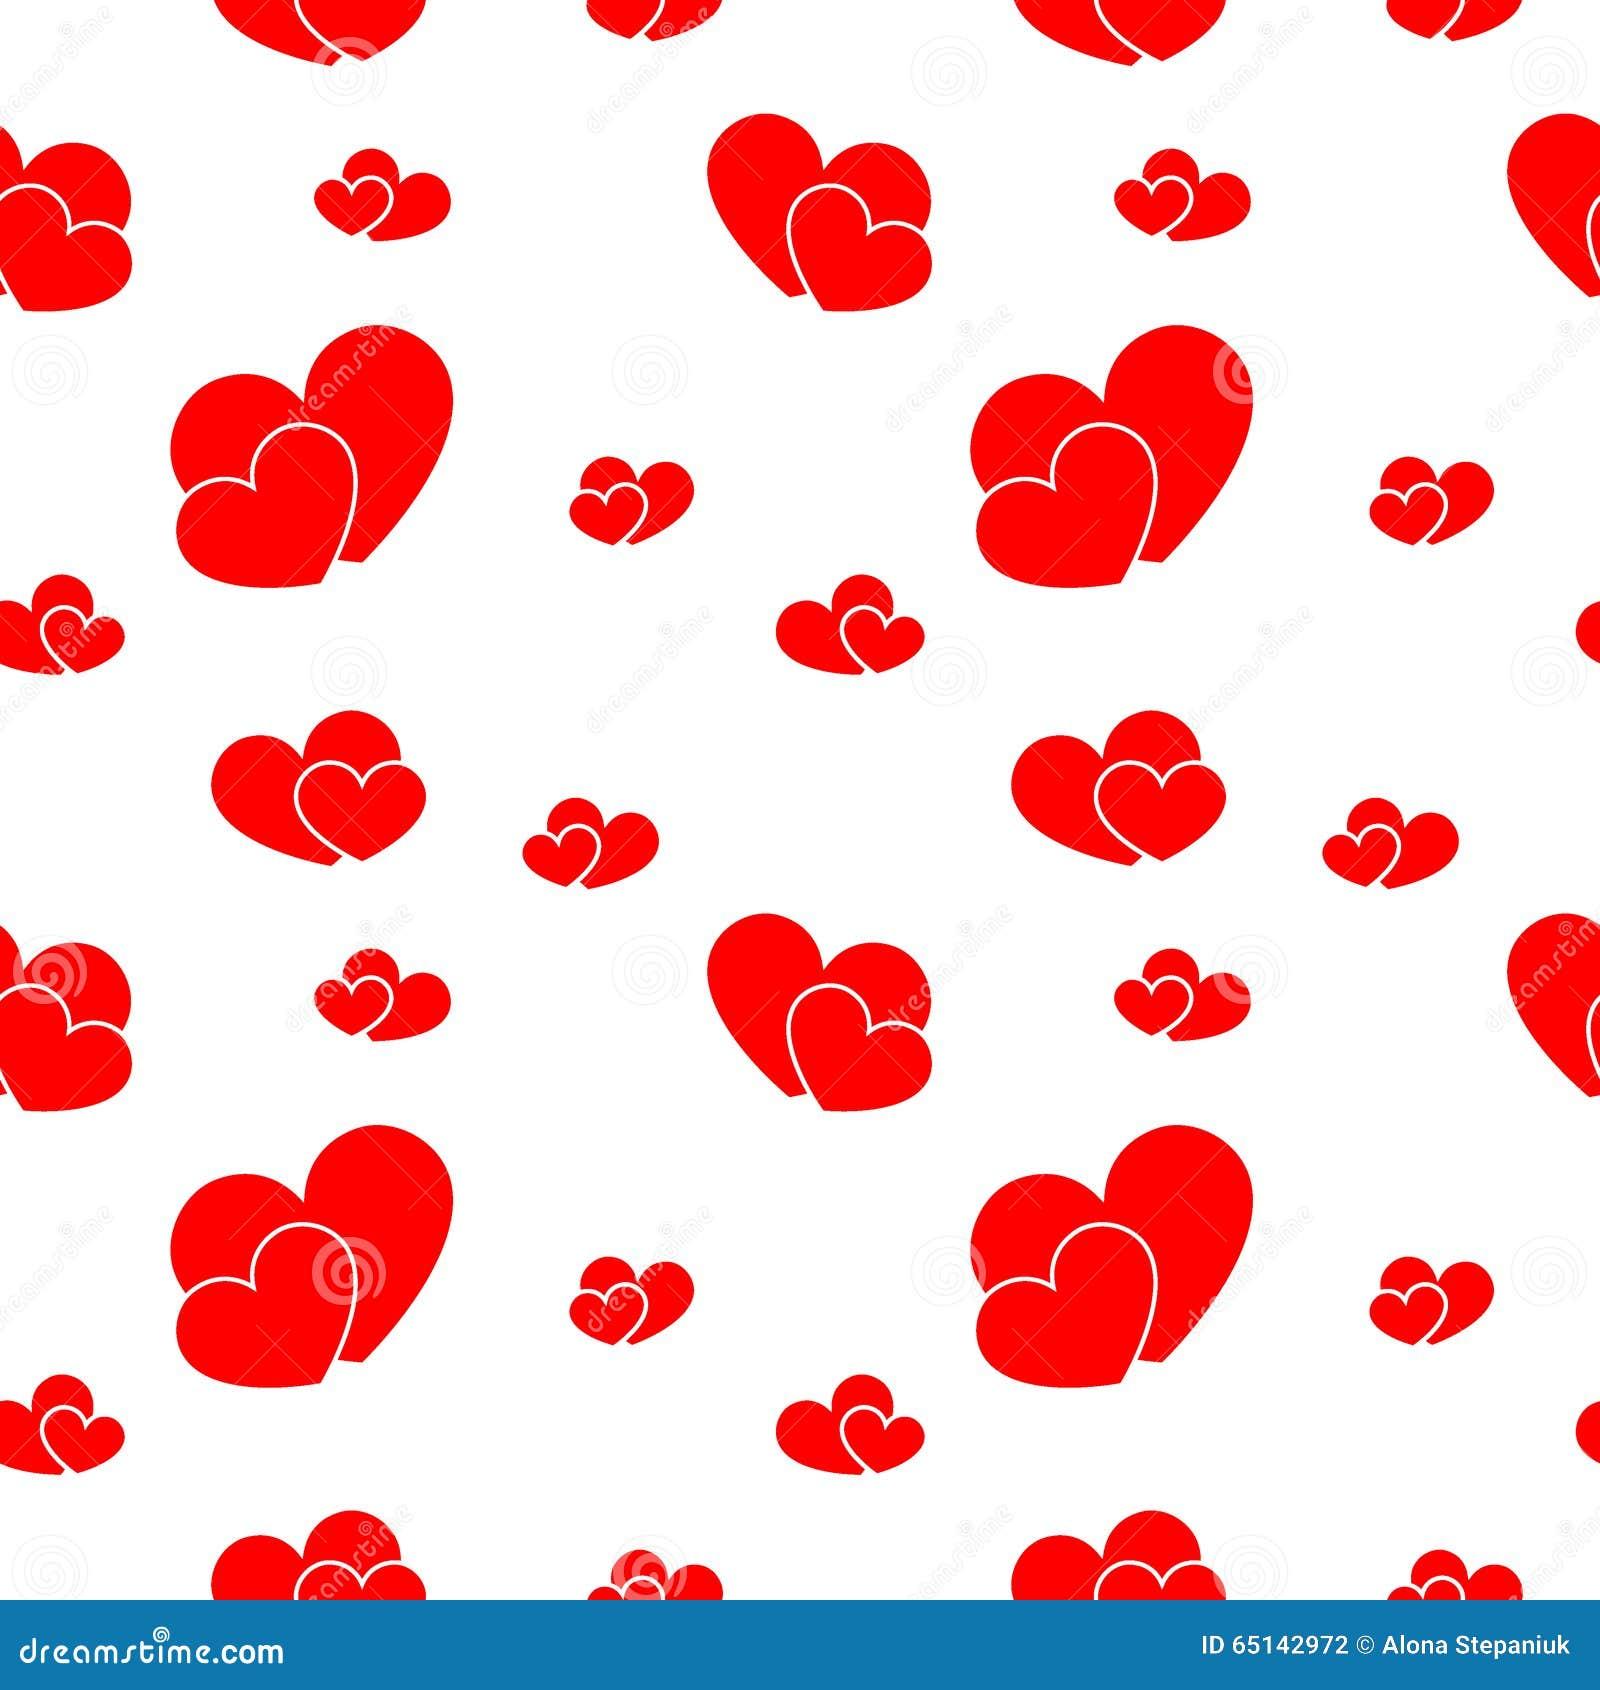 Grandi e piccoli cuori rossi illustrazione vettoriale for Immagini di cuori rossi